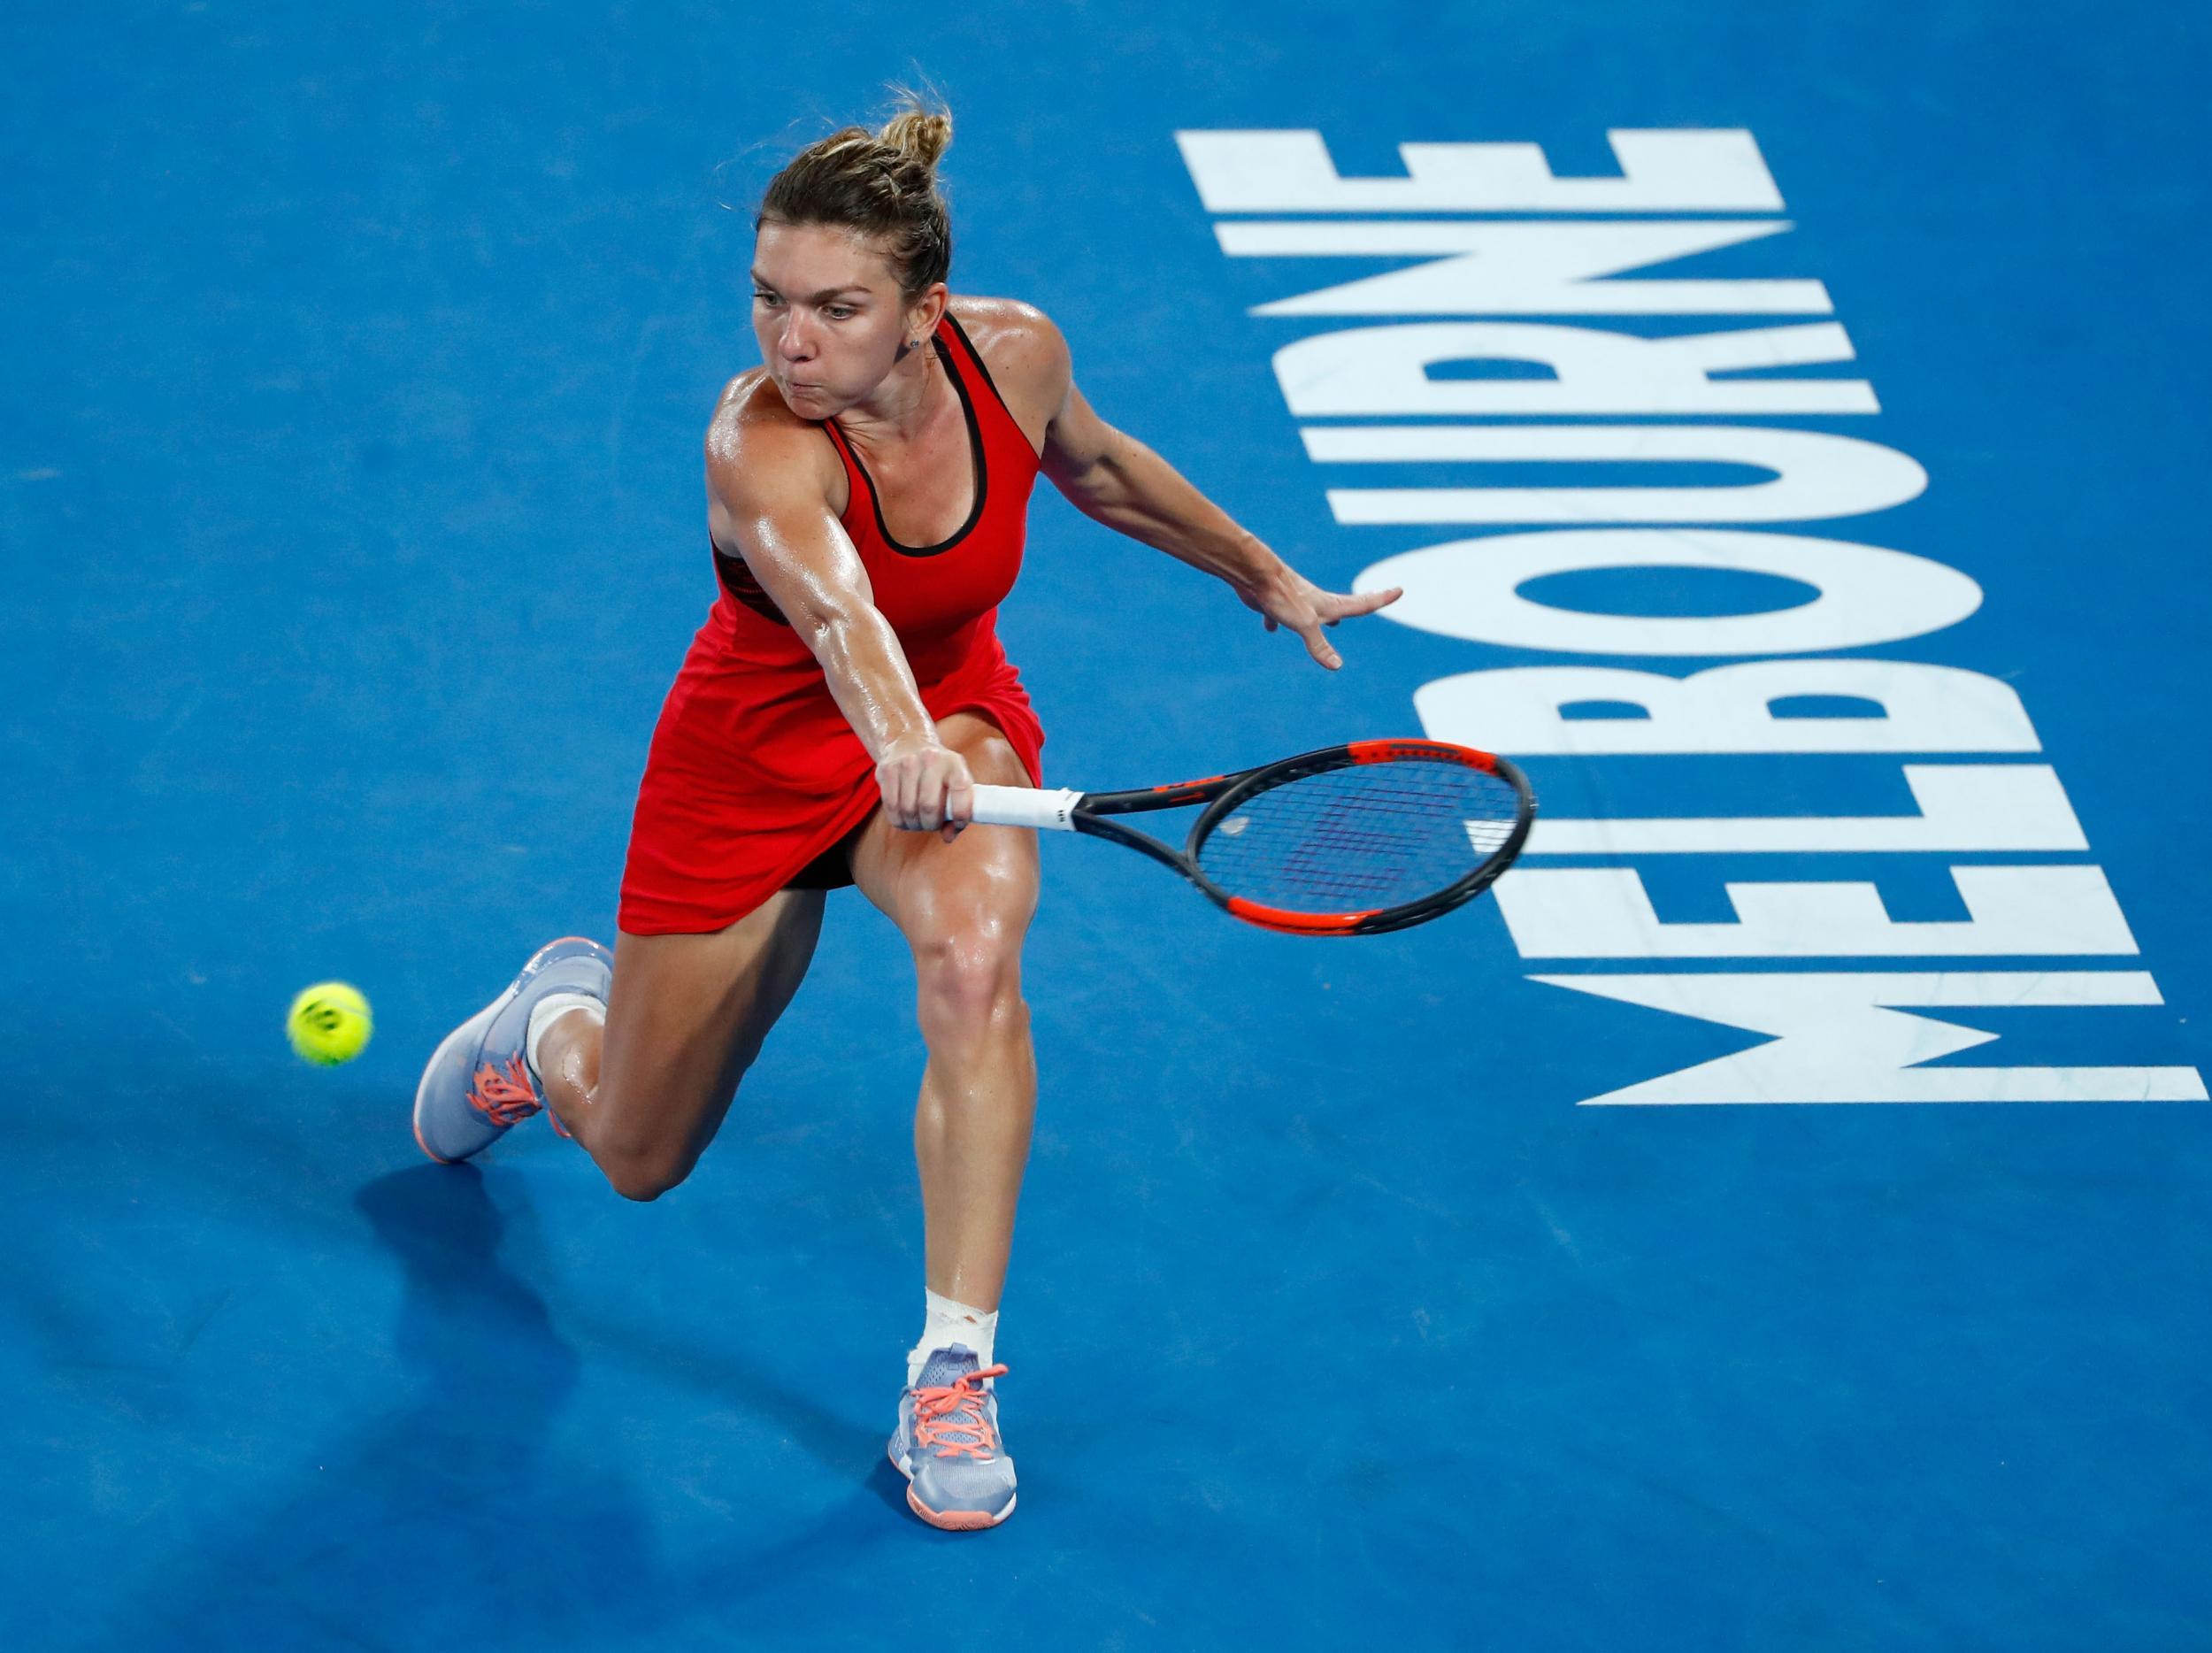 Sexual descrimination sports australia